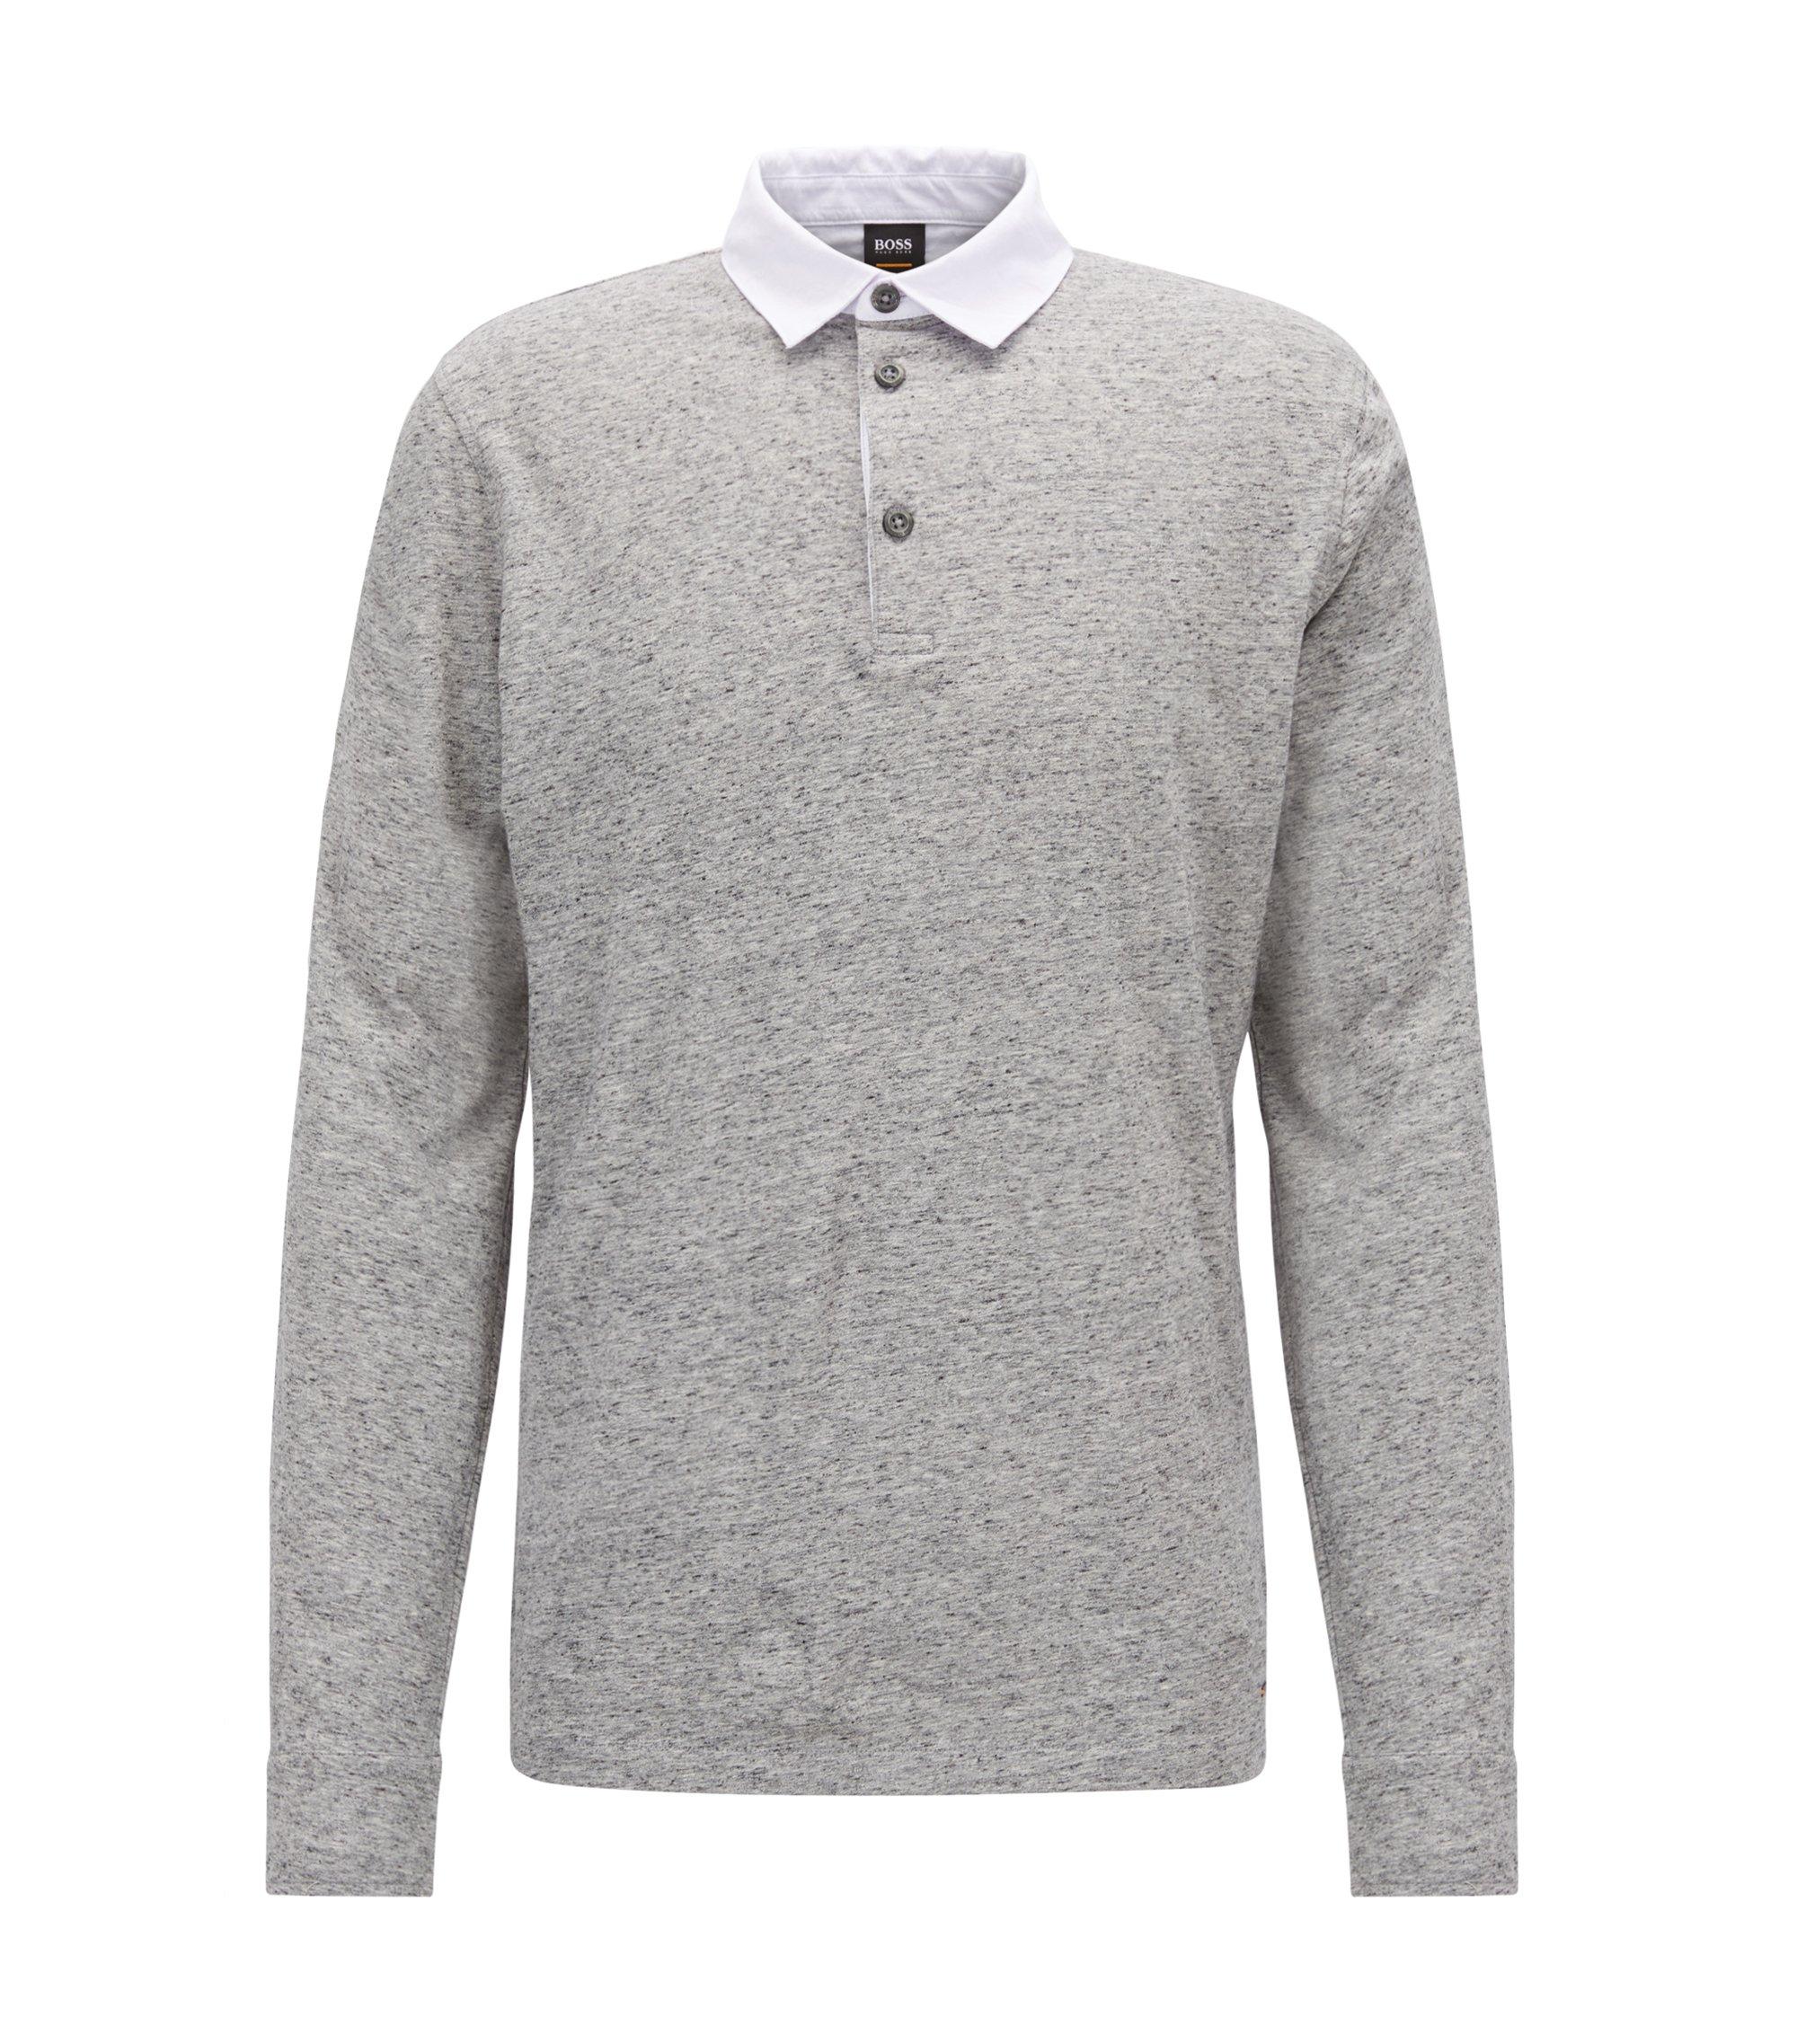 Relaxed-Fit Poloshirt aus meliertem Baumwoll-Jersey, Hellgrau